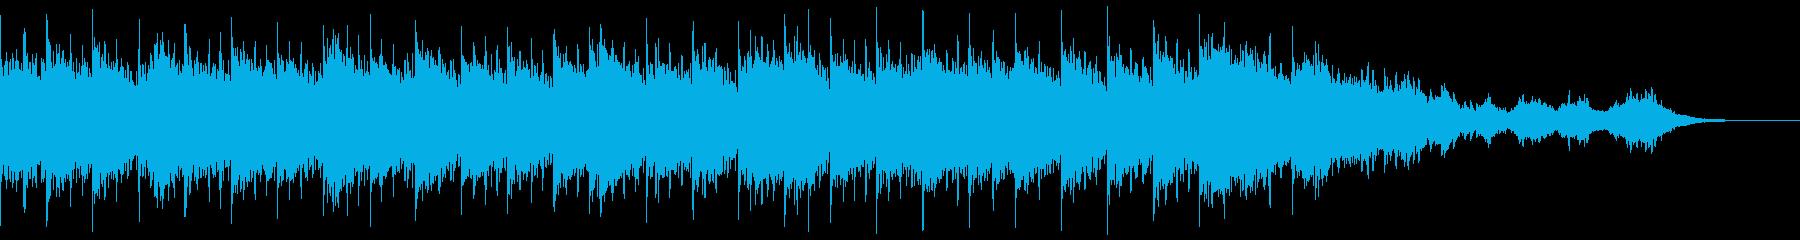 結晶ノ森:幻想的・煌めくピアノループの再生済みの波形